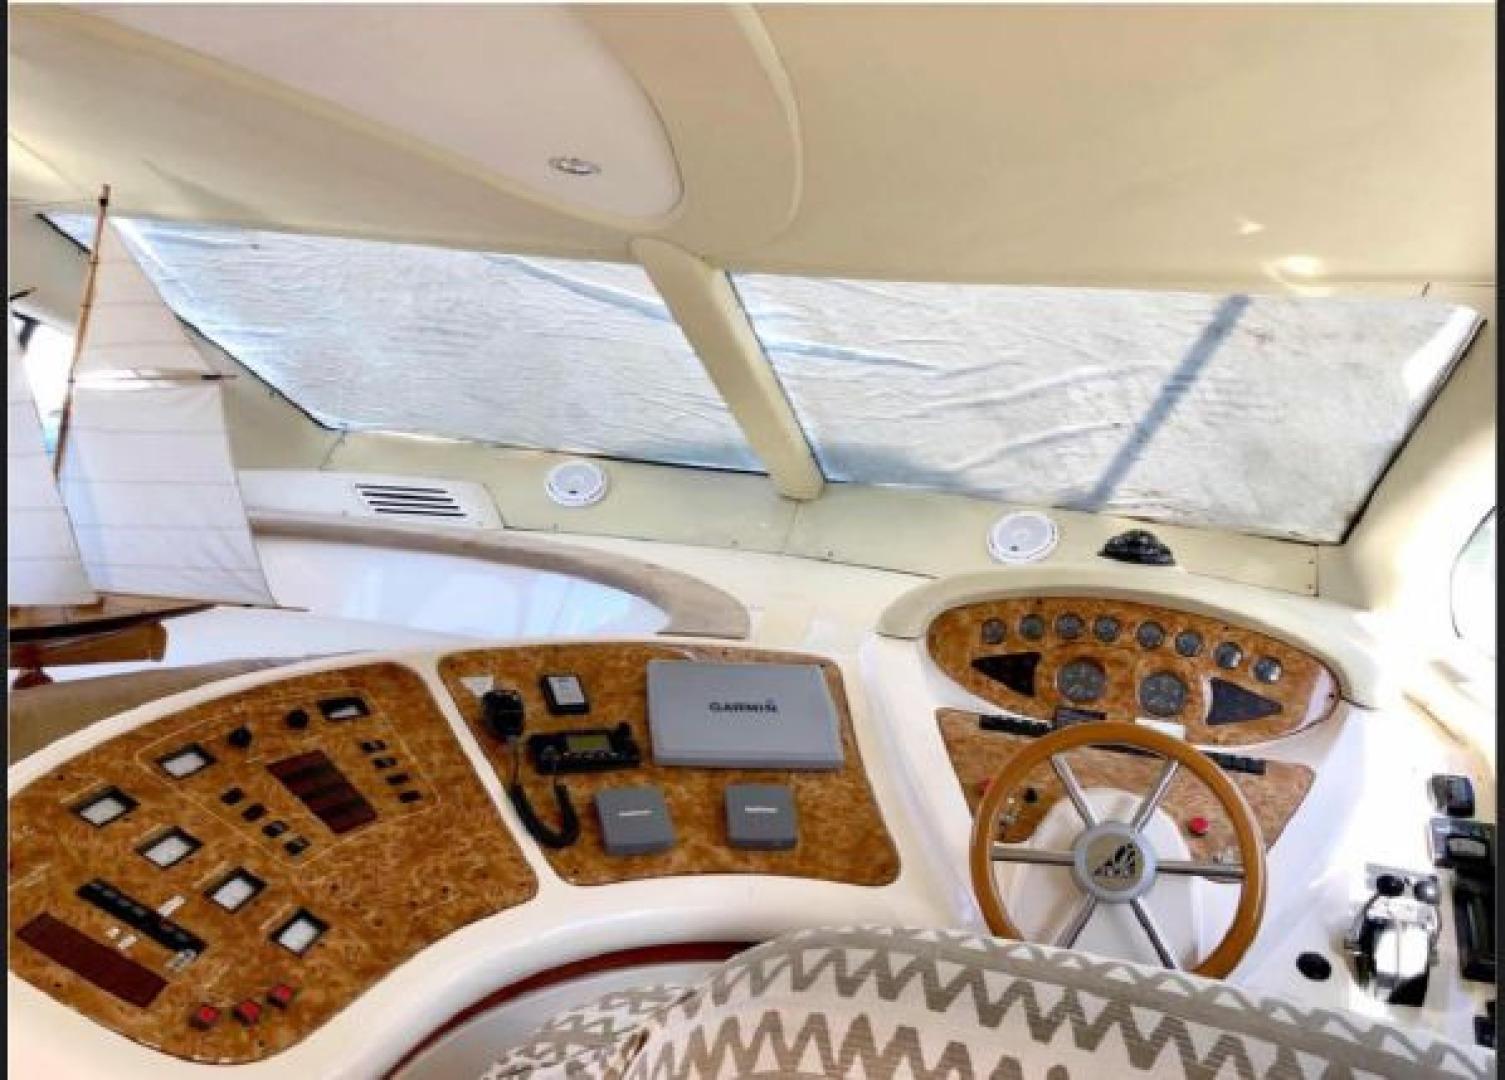 Azimut-Flybridge Motor Yacht 2000 -Boca Raton-Florida-United States-1564047 | Thumbnail